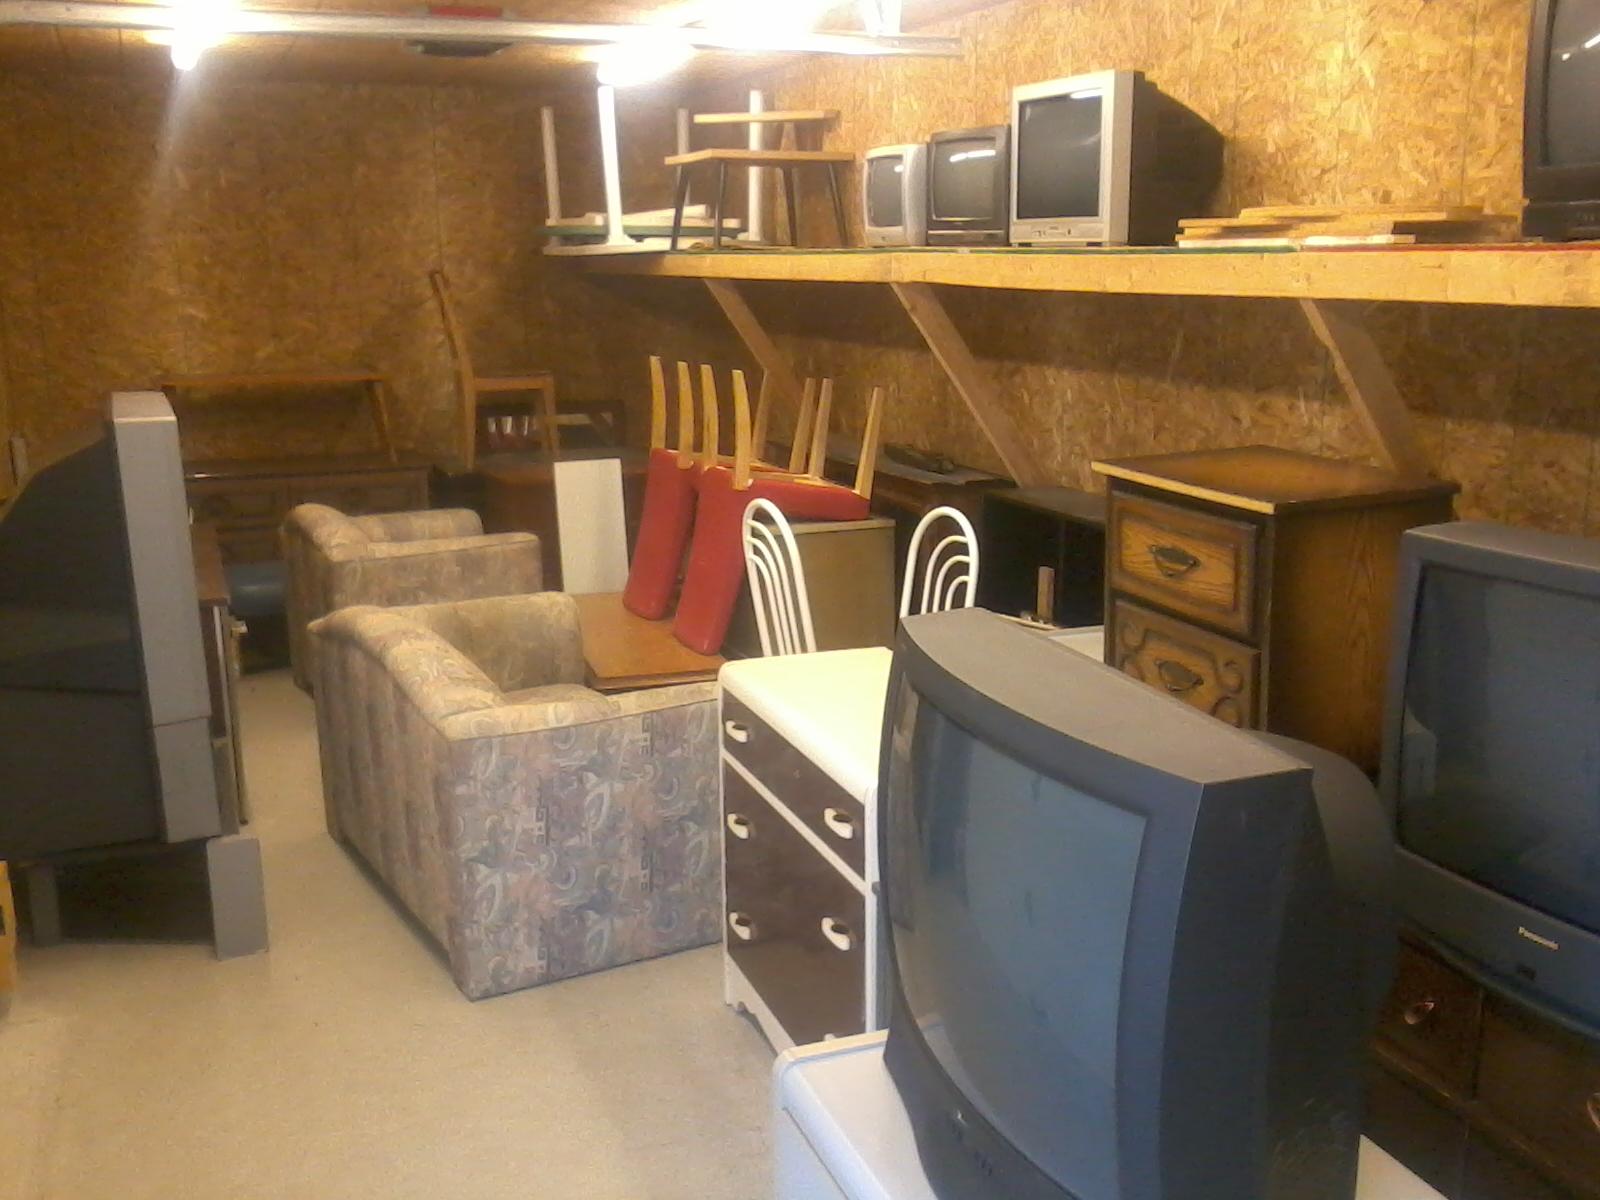 meubles, téléviseurs, etc.